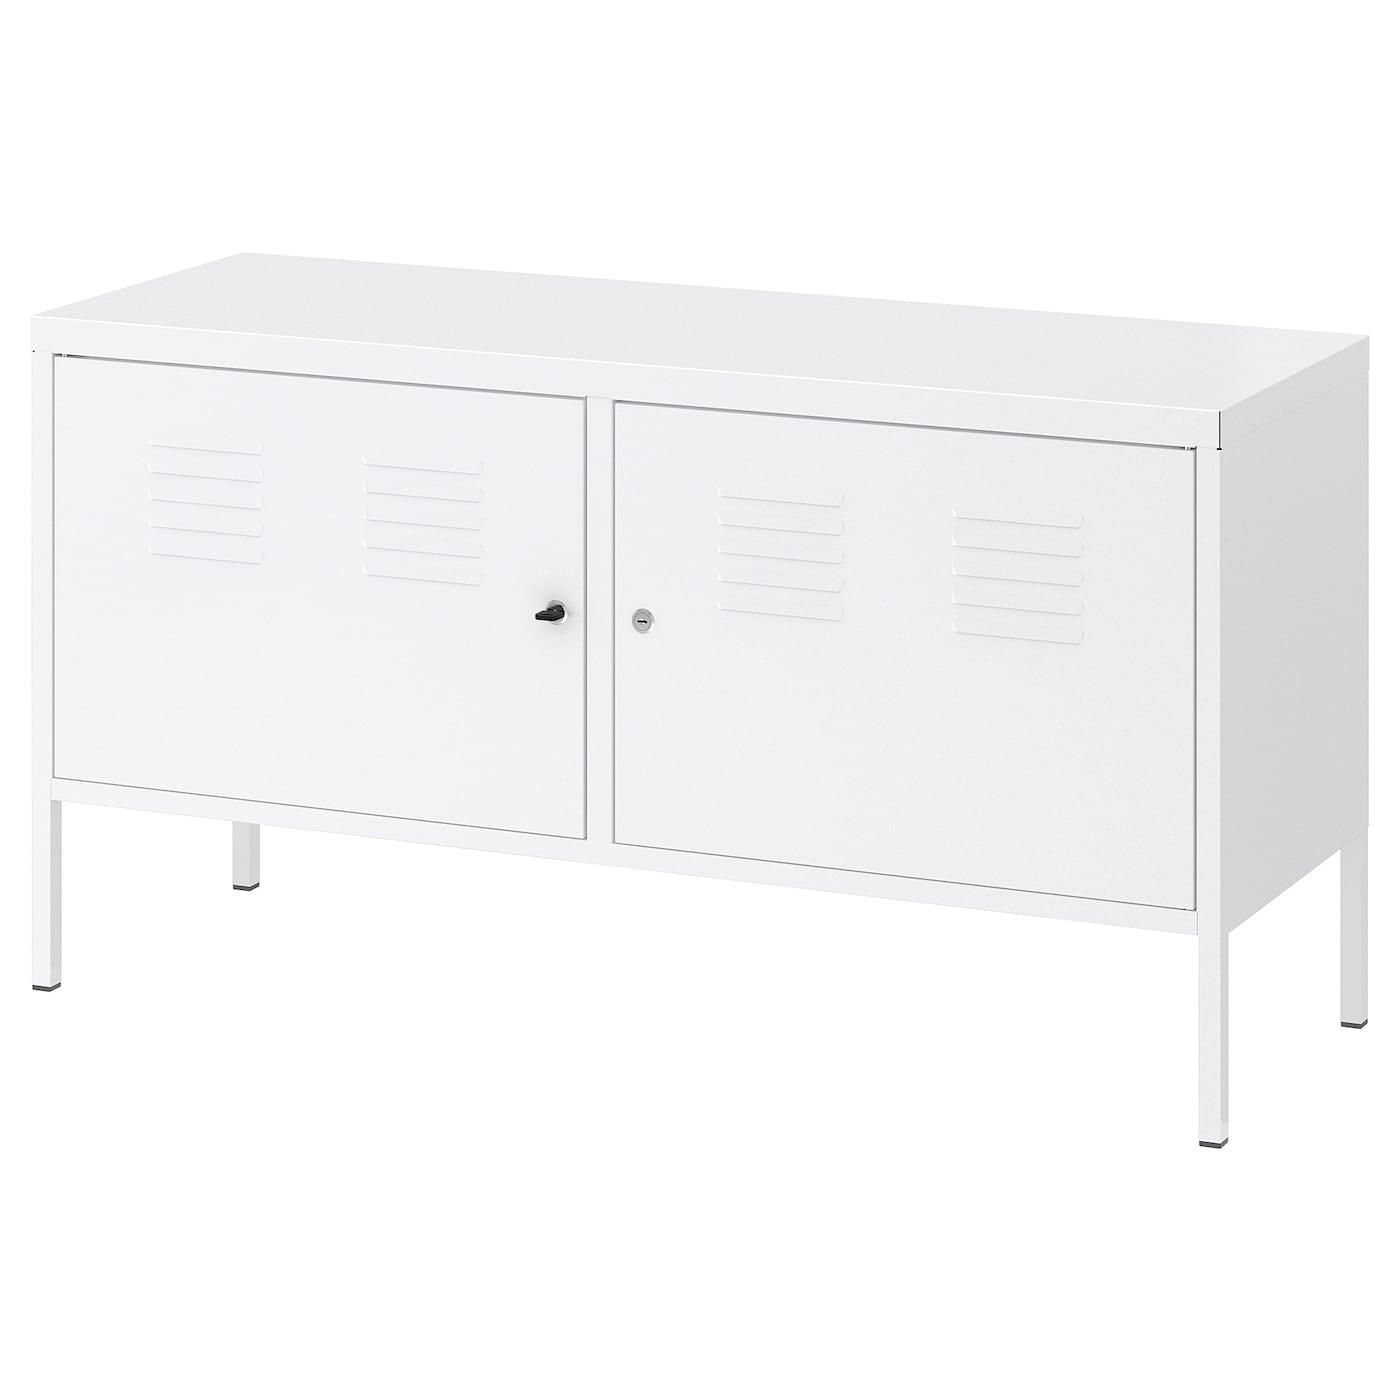 Meuble Tv Colonne Ikea ikea ps armoire métallique - blanc 119x63 cm